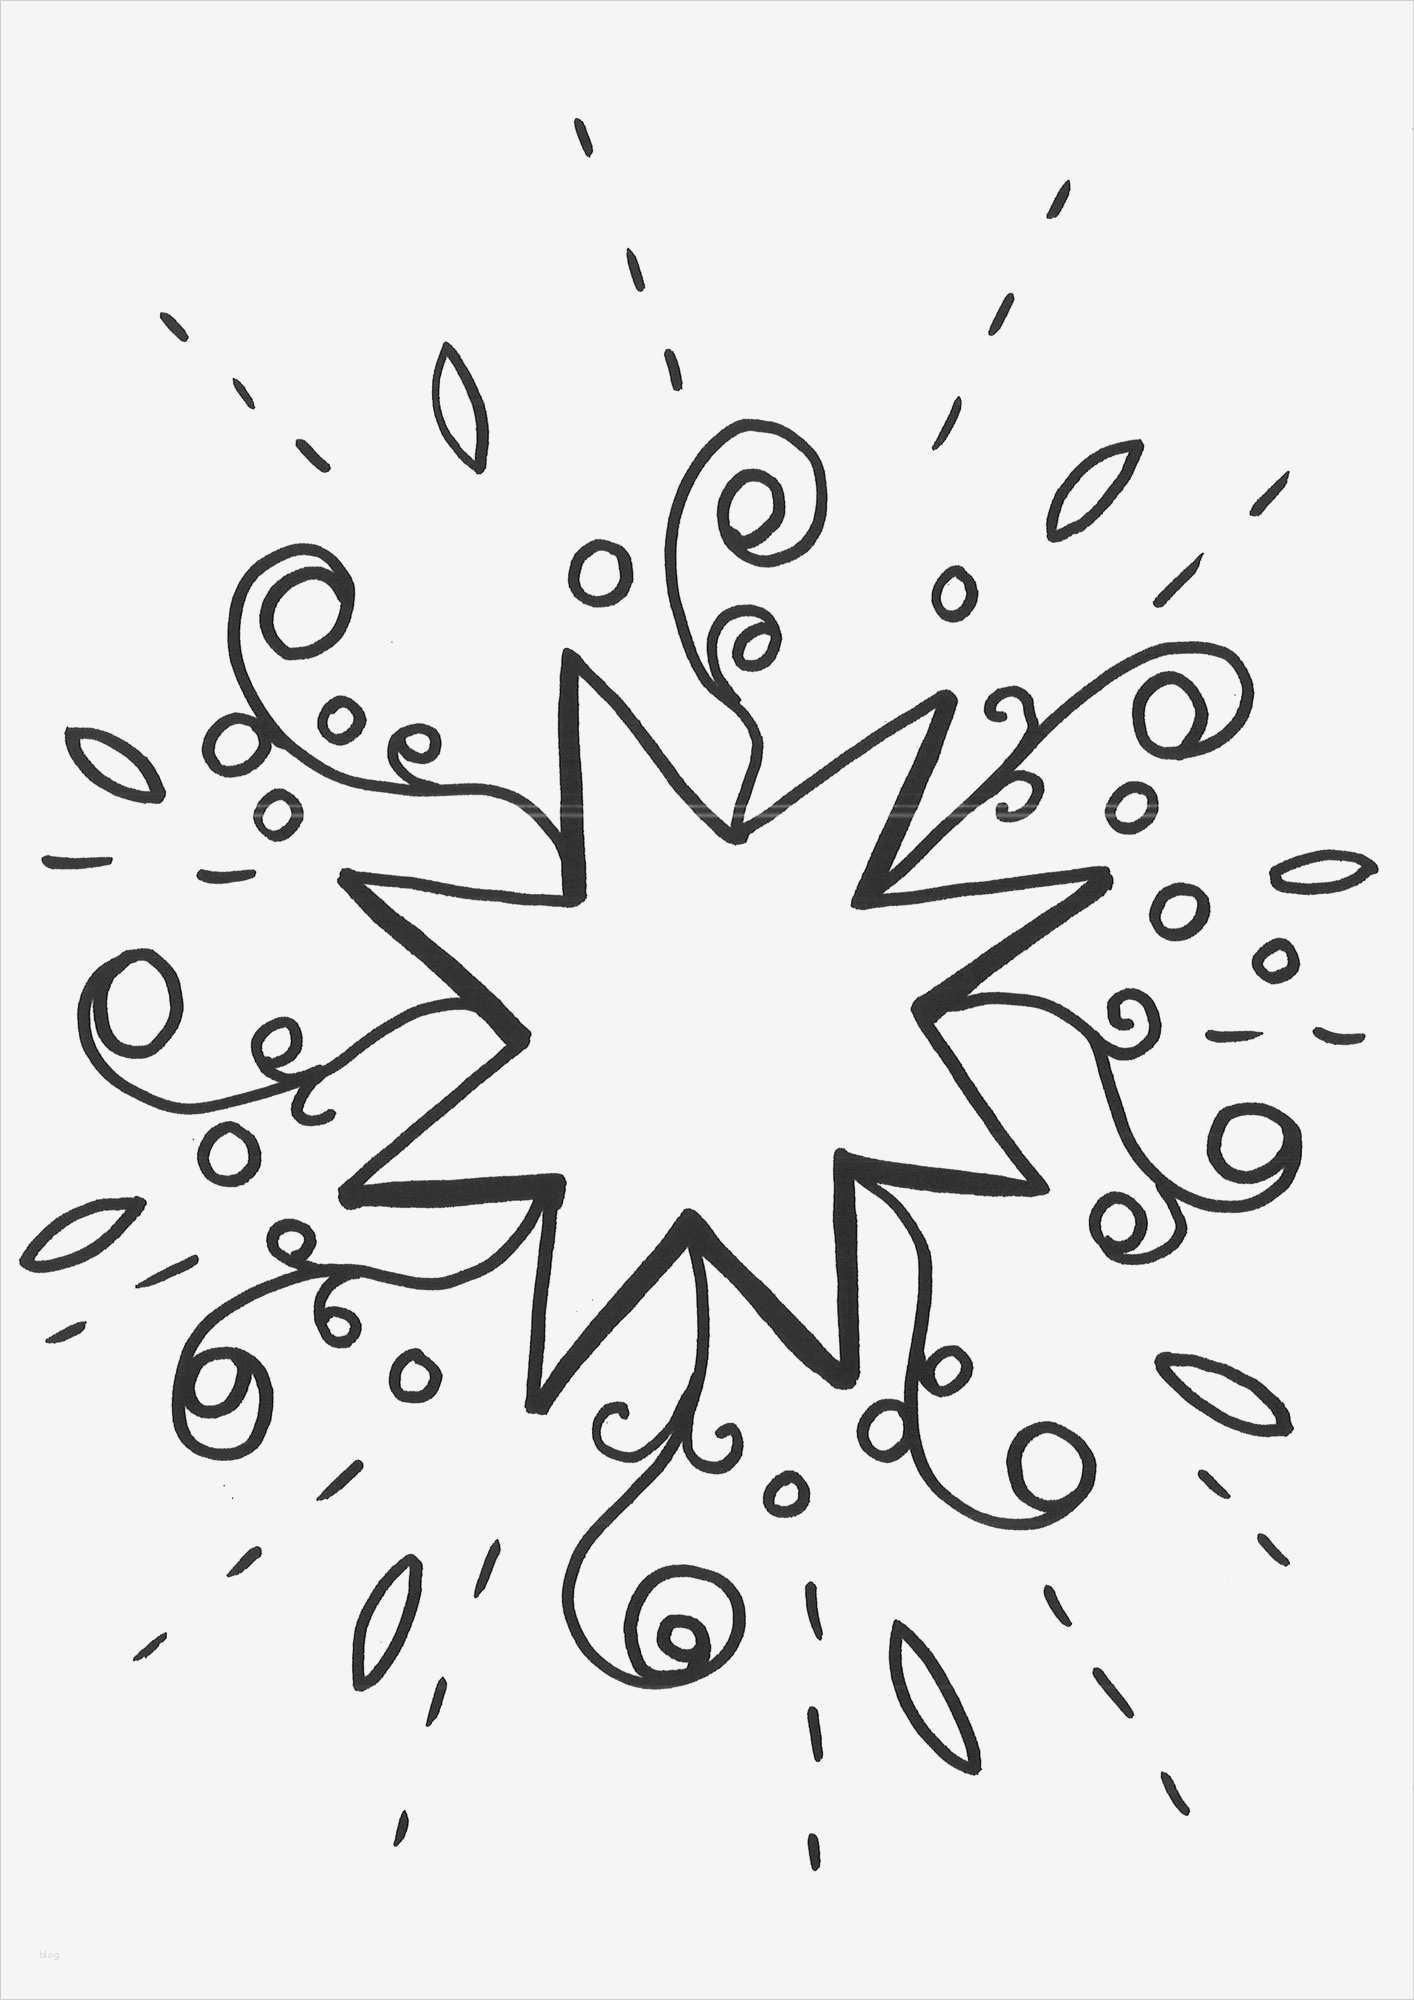 schneeflocken ausschneiden vorlage cool kostenlose